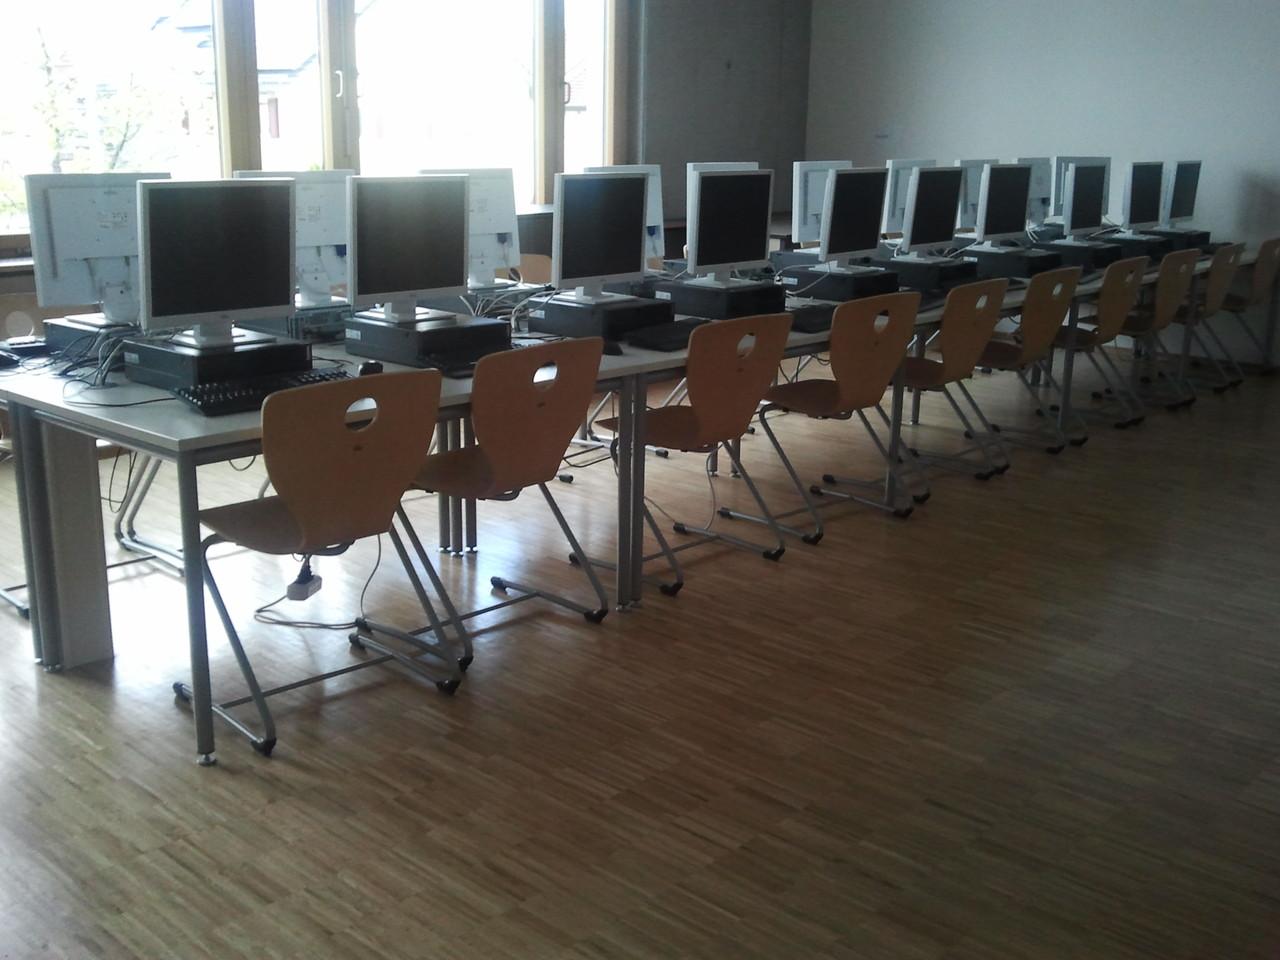 Unser Computerraum mit 25 PCs...